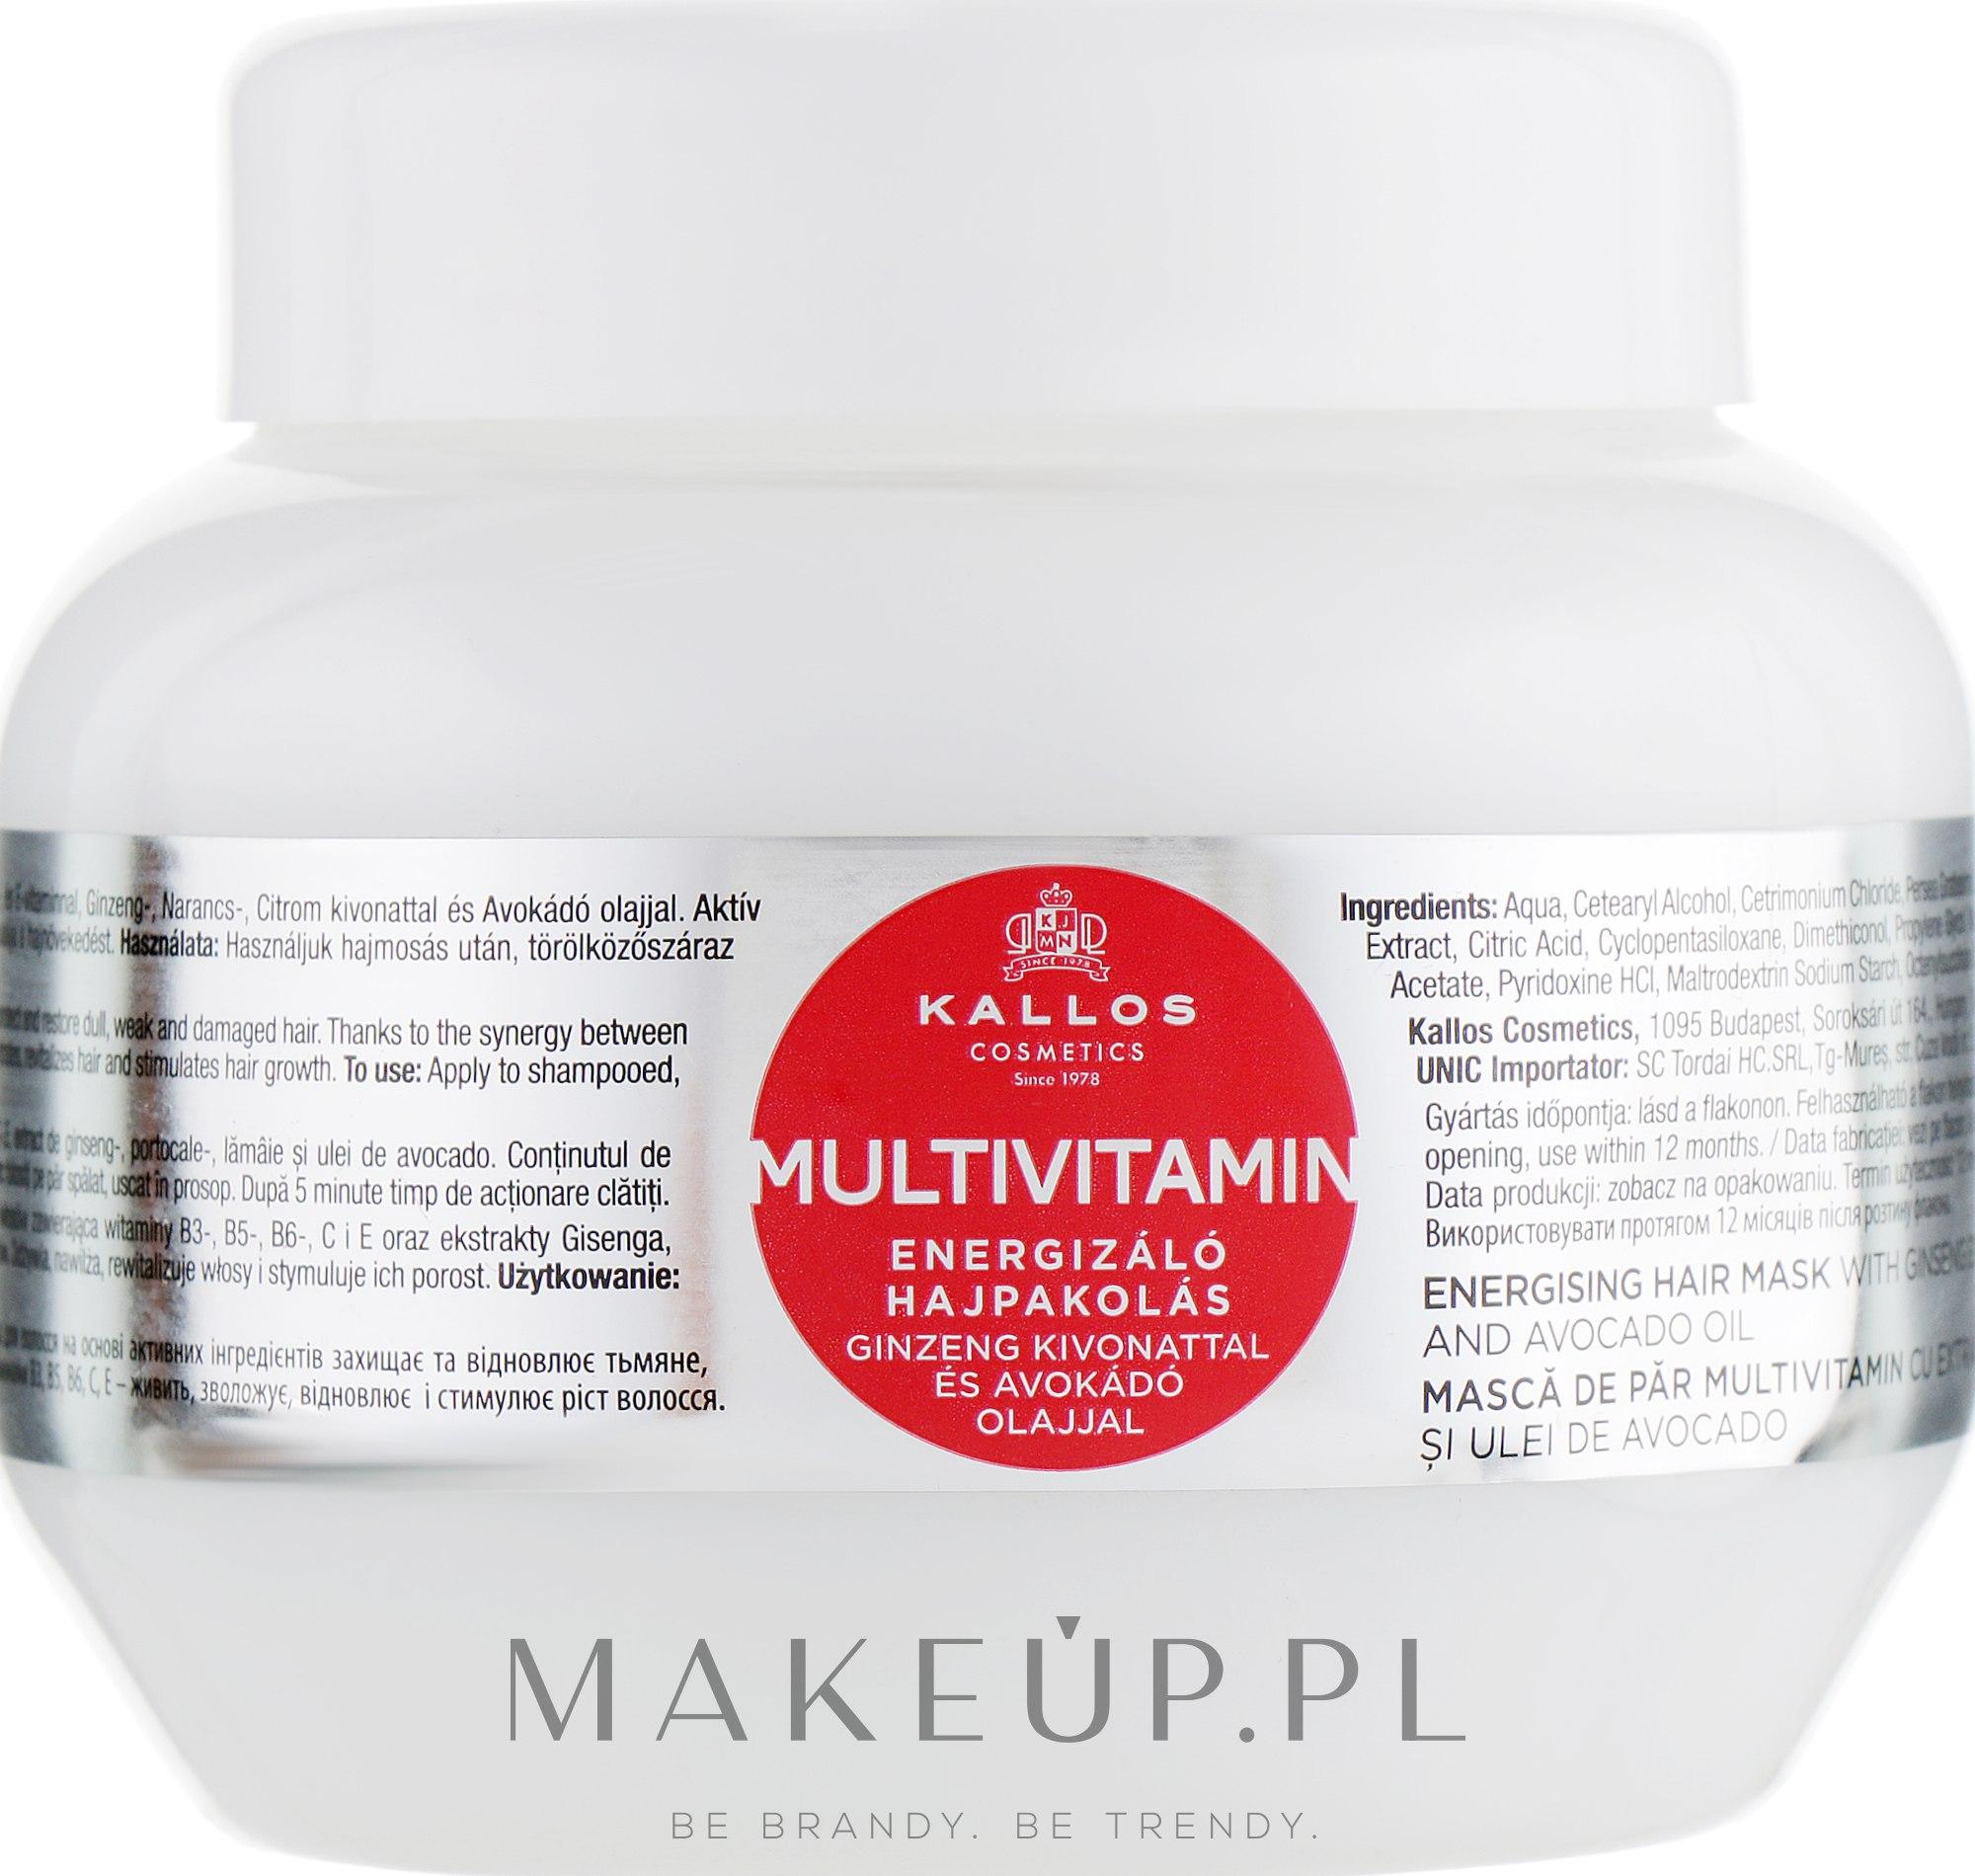 Multiwitaminowa energizująca maska do włosów z ekstraktem z żeń-szenia i olejem z awokado - Kallos Cosmetics Energising Hair Multivitamin — фото 275 ml